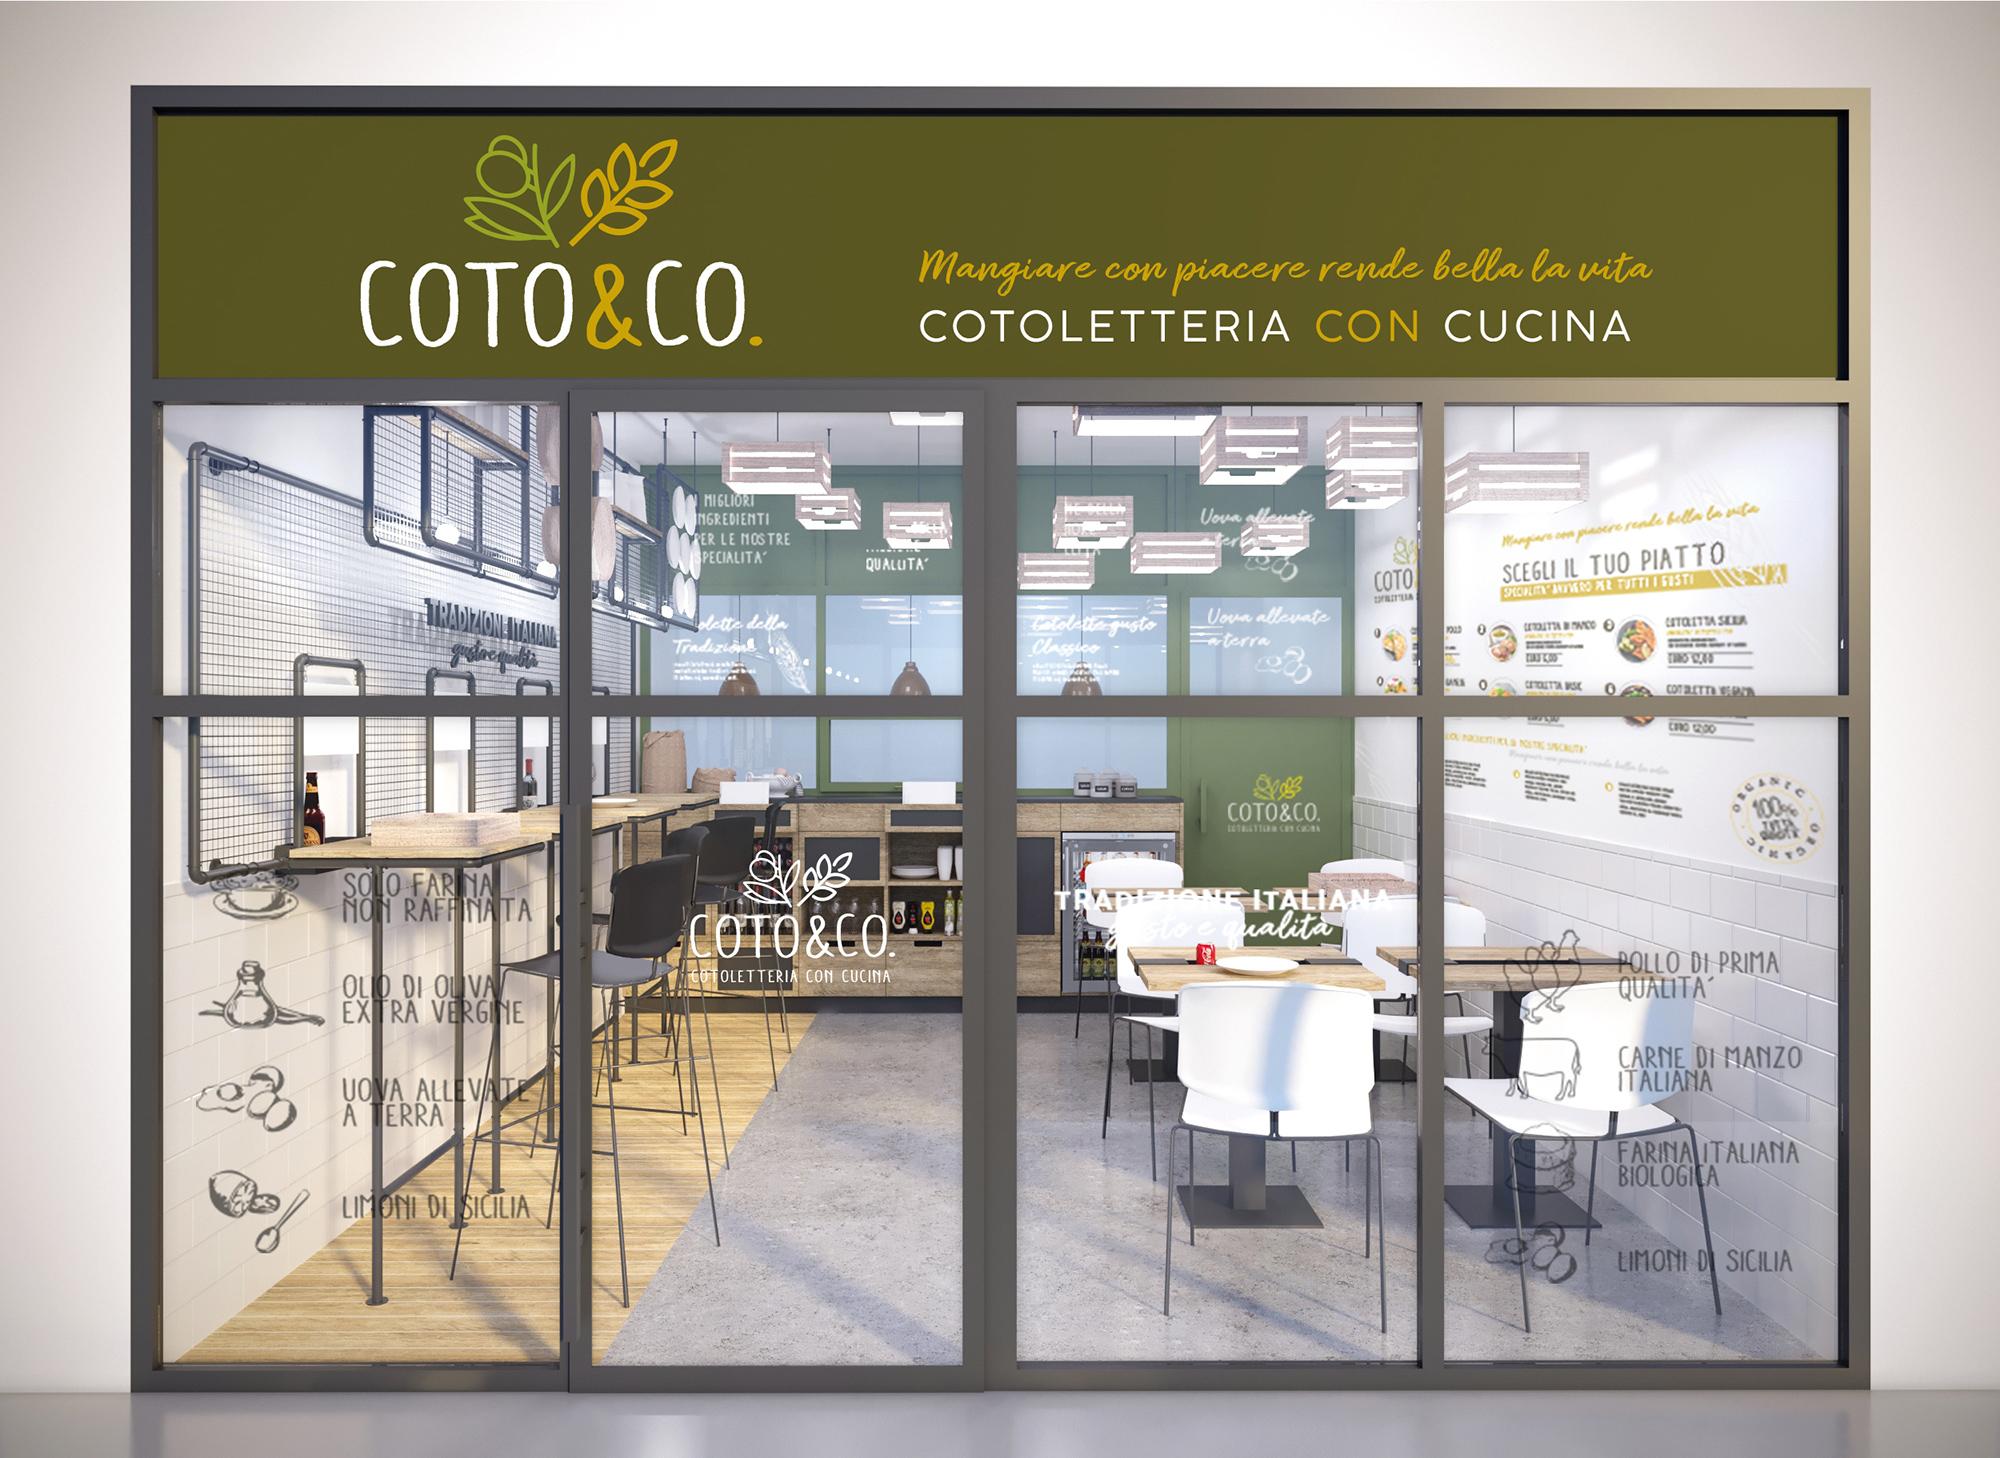 002_COTO&CO